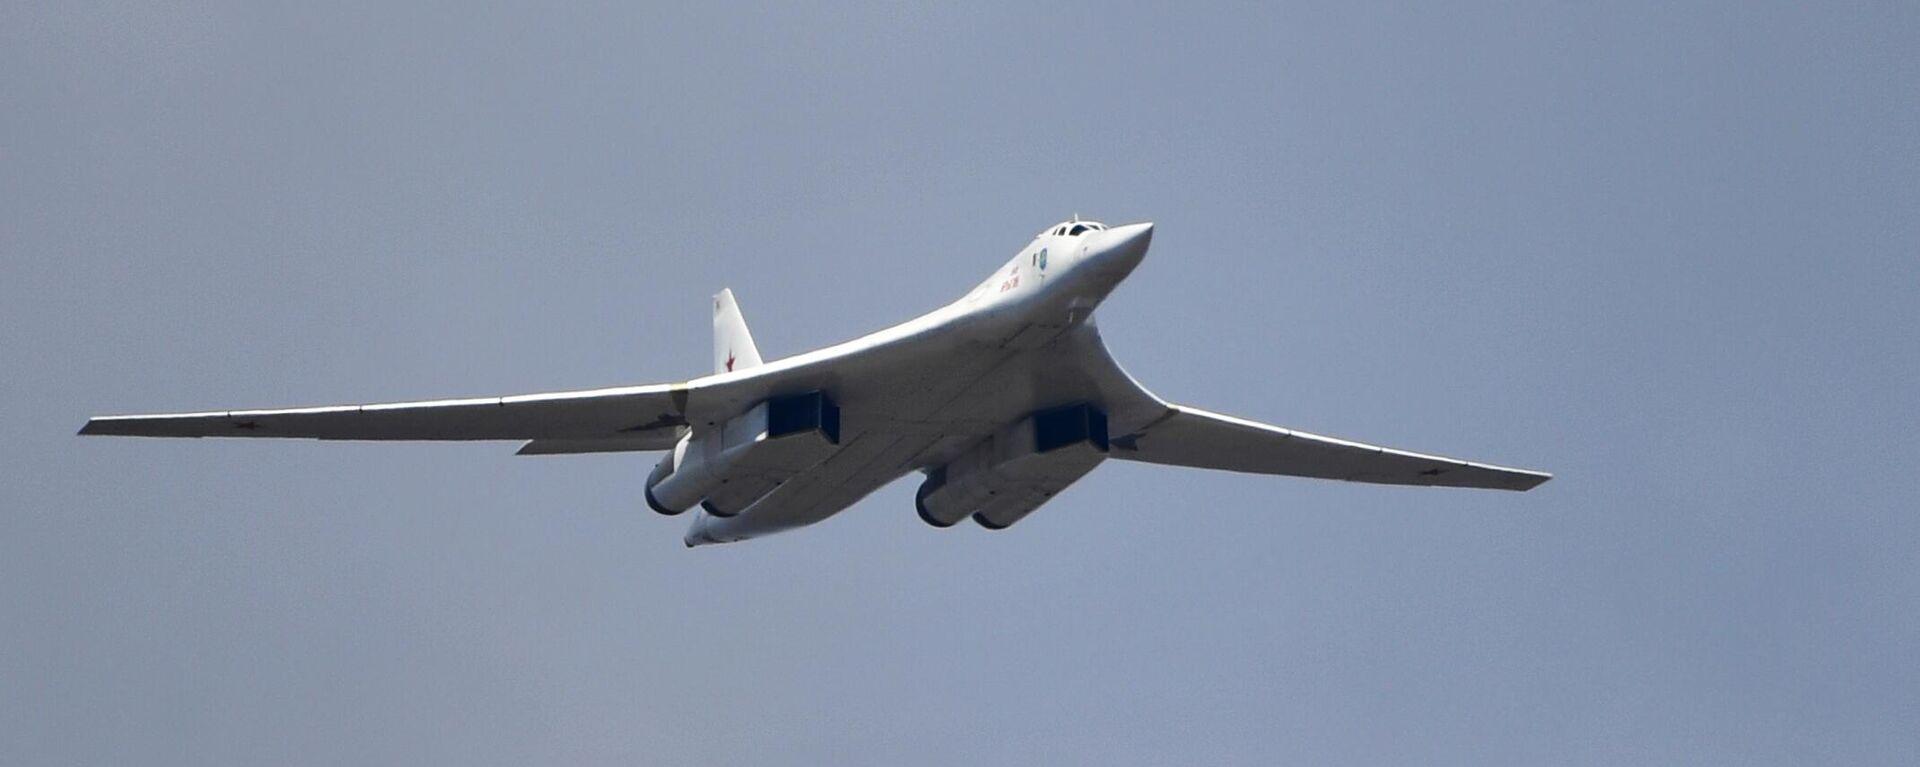 Стратегический бомбардировщик-ракетоносец Ту-160 - Sputnik Узбекистан, 1920, 08.08.2021